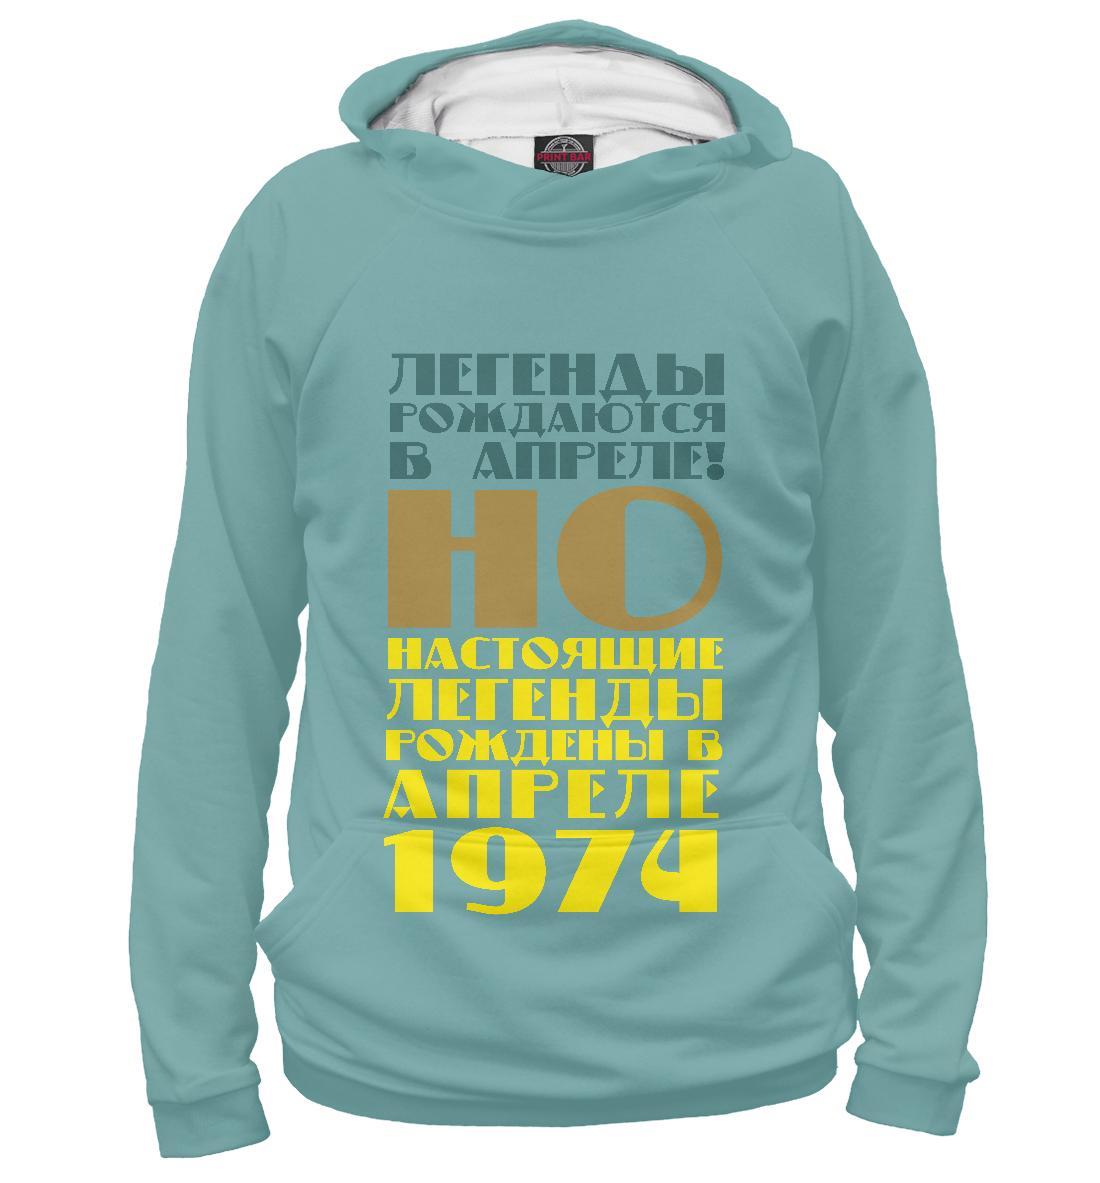 Купить Апрель 1974, Printbar, Худи, DSC-908925-hud-1